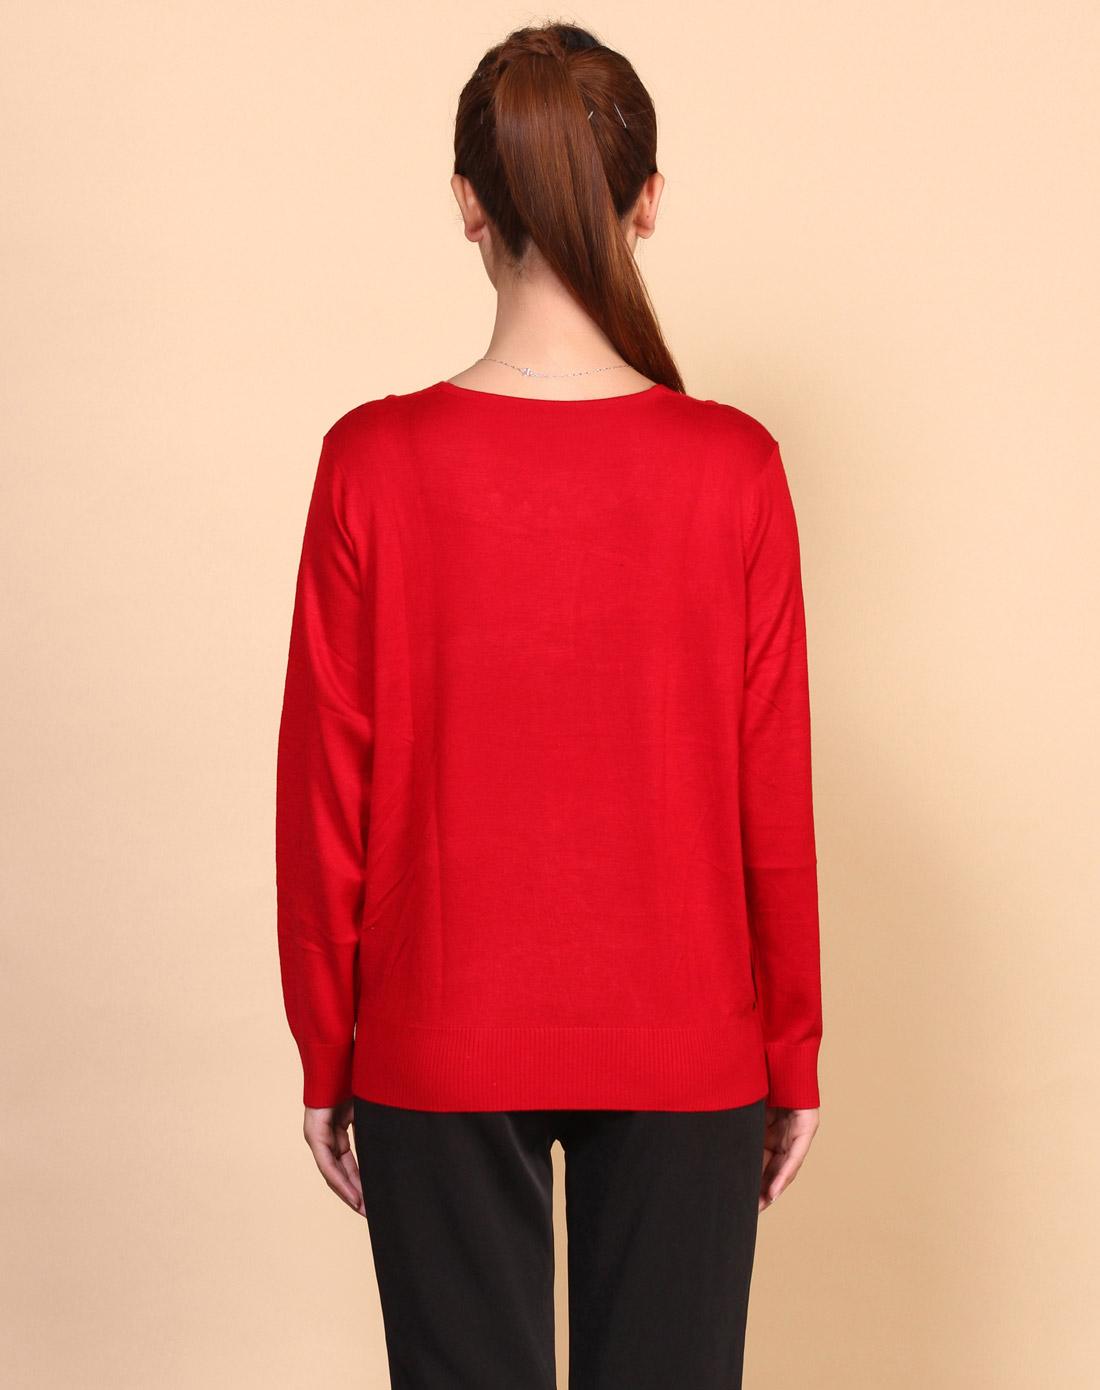 女款环纹枣红色圆领羊毛针织衫